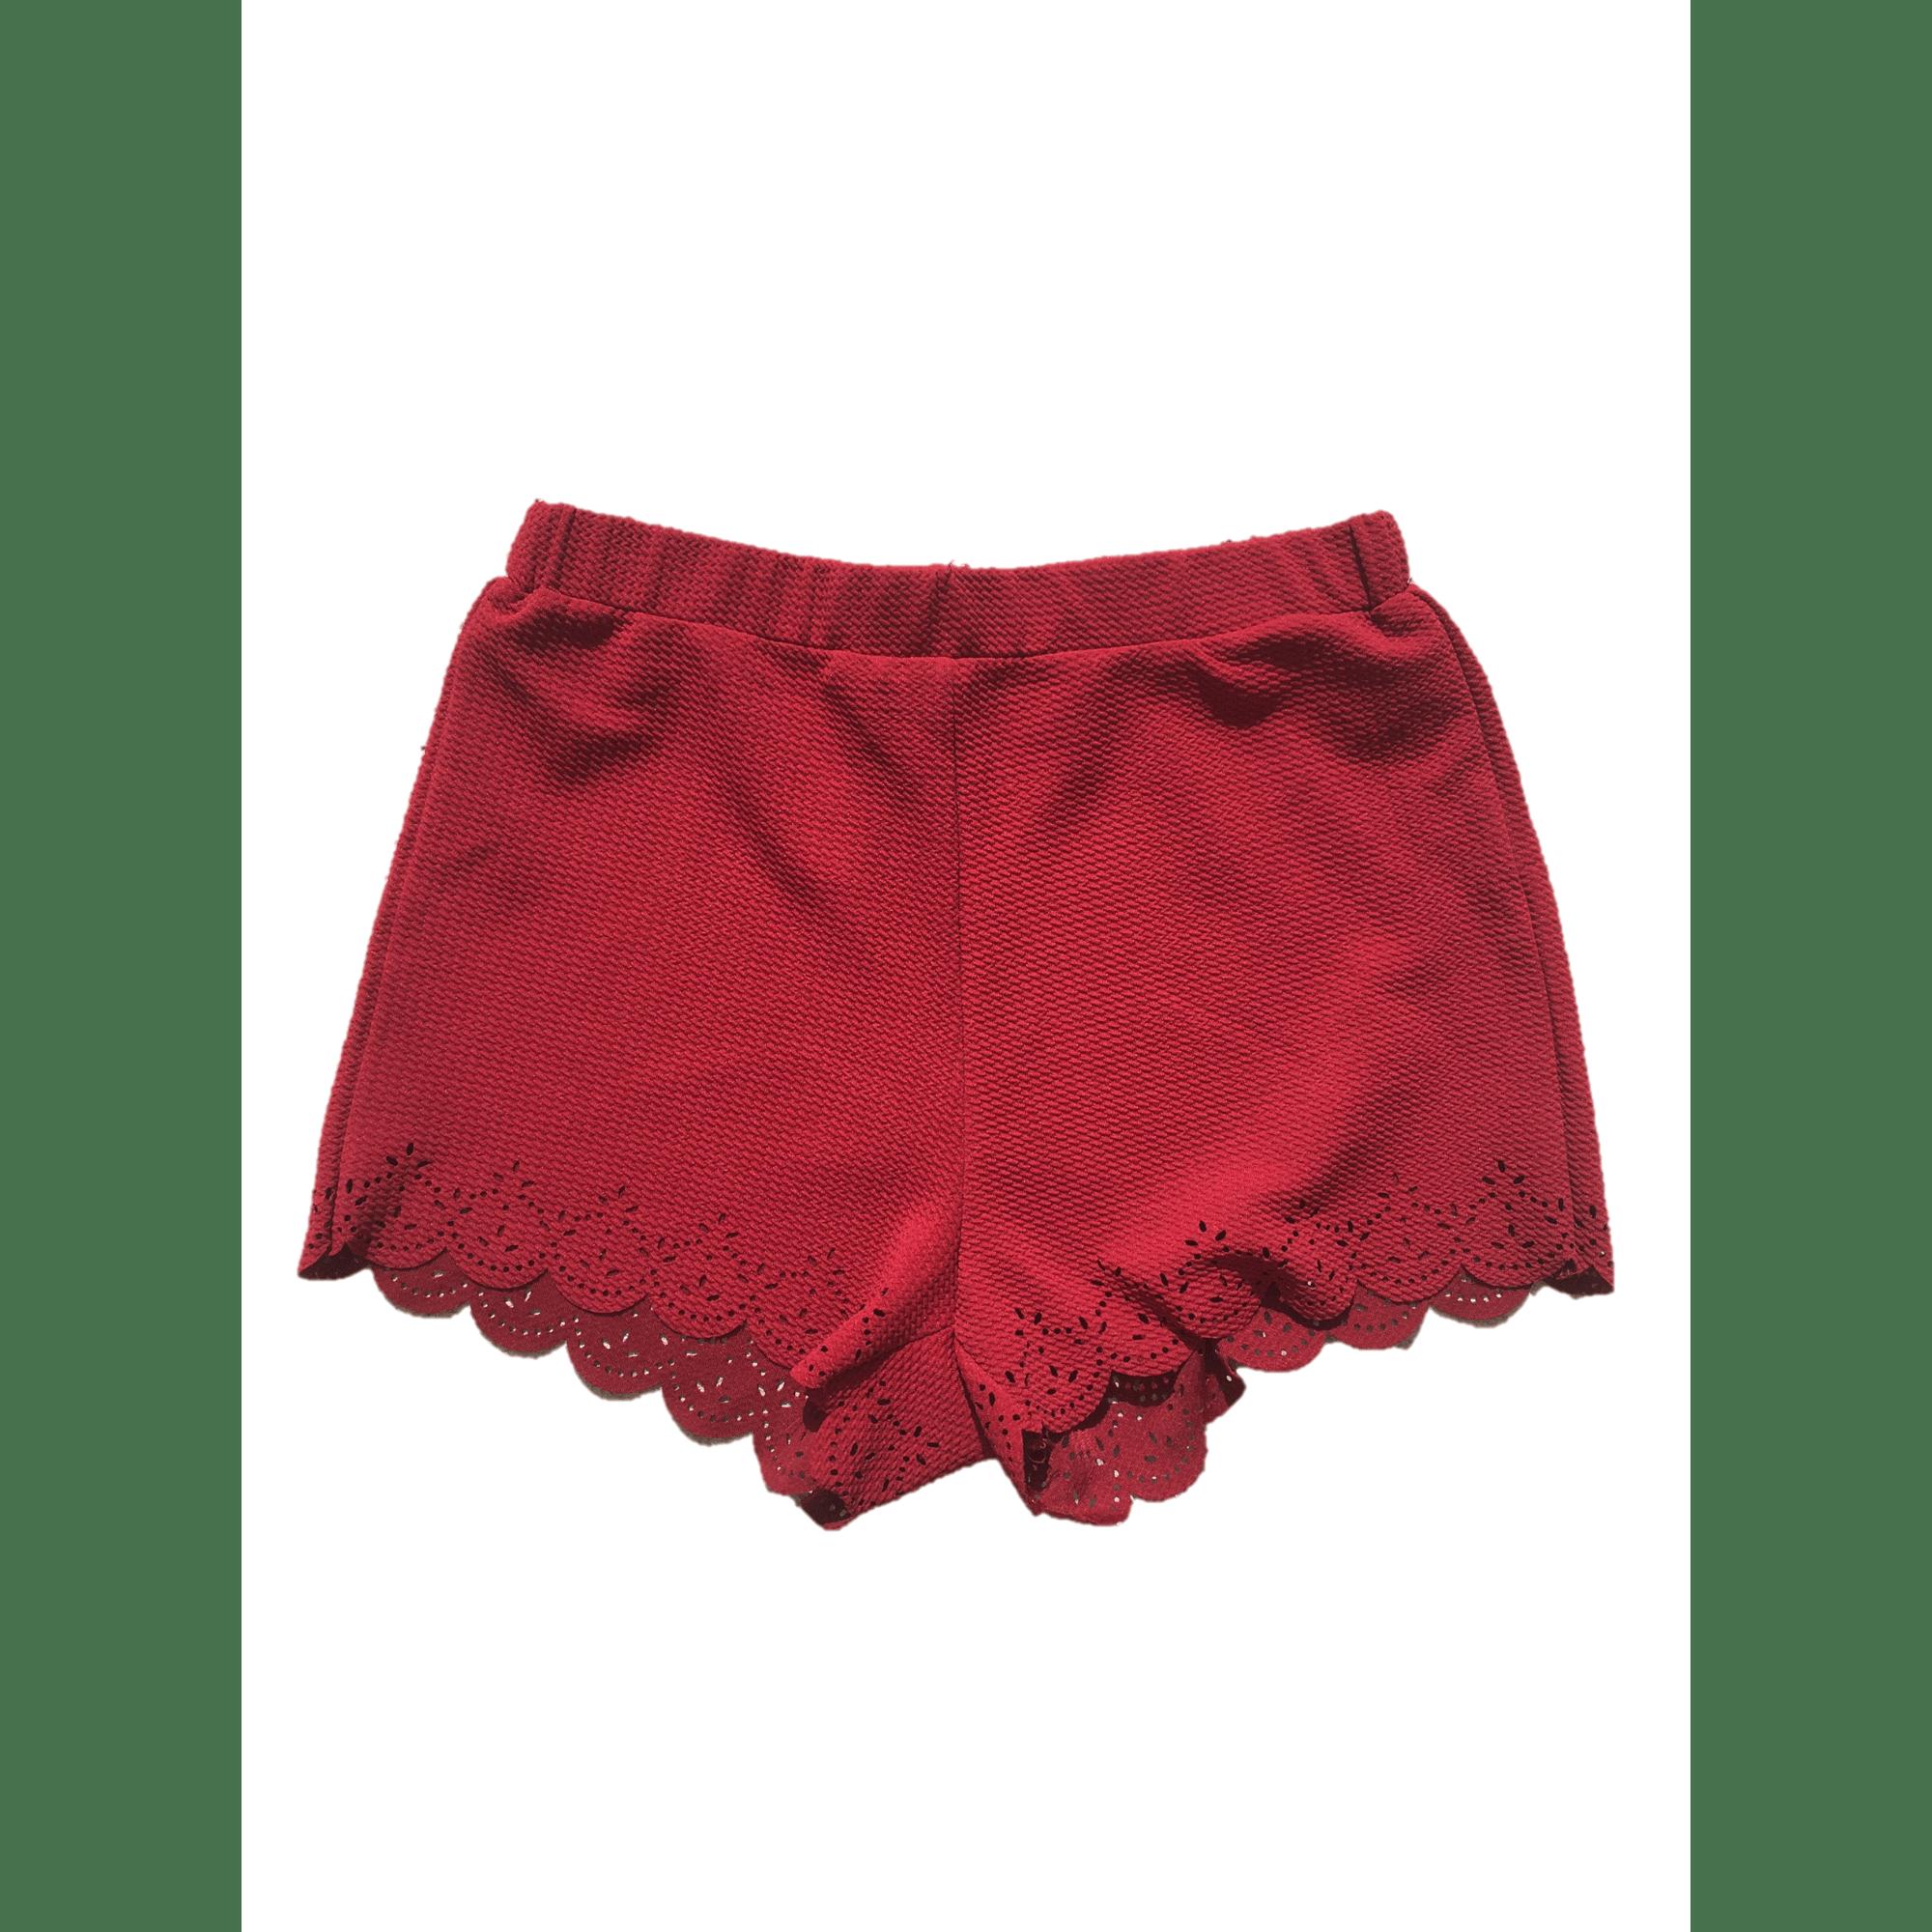 Short SHEINSIDE Rouge, bordeaux